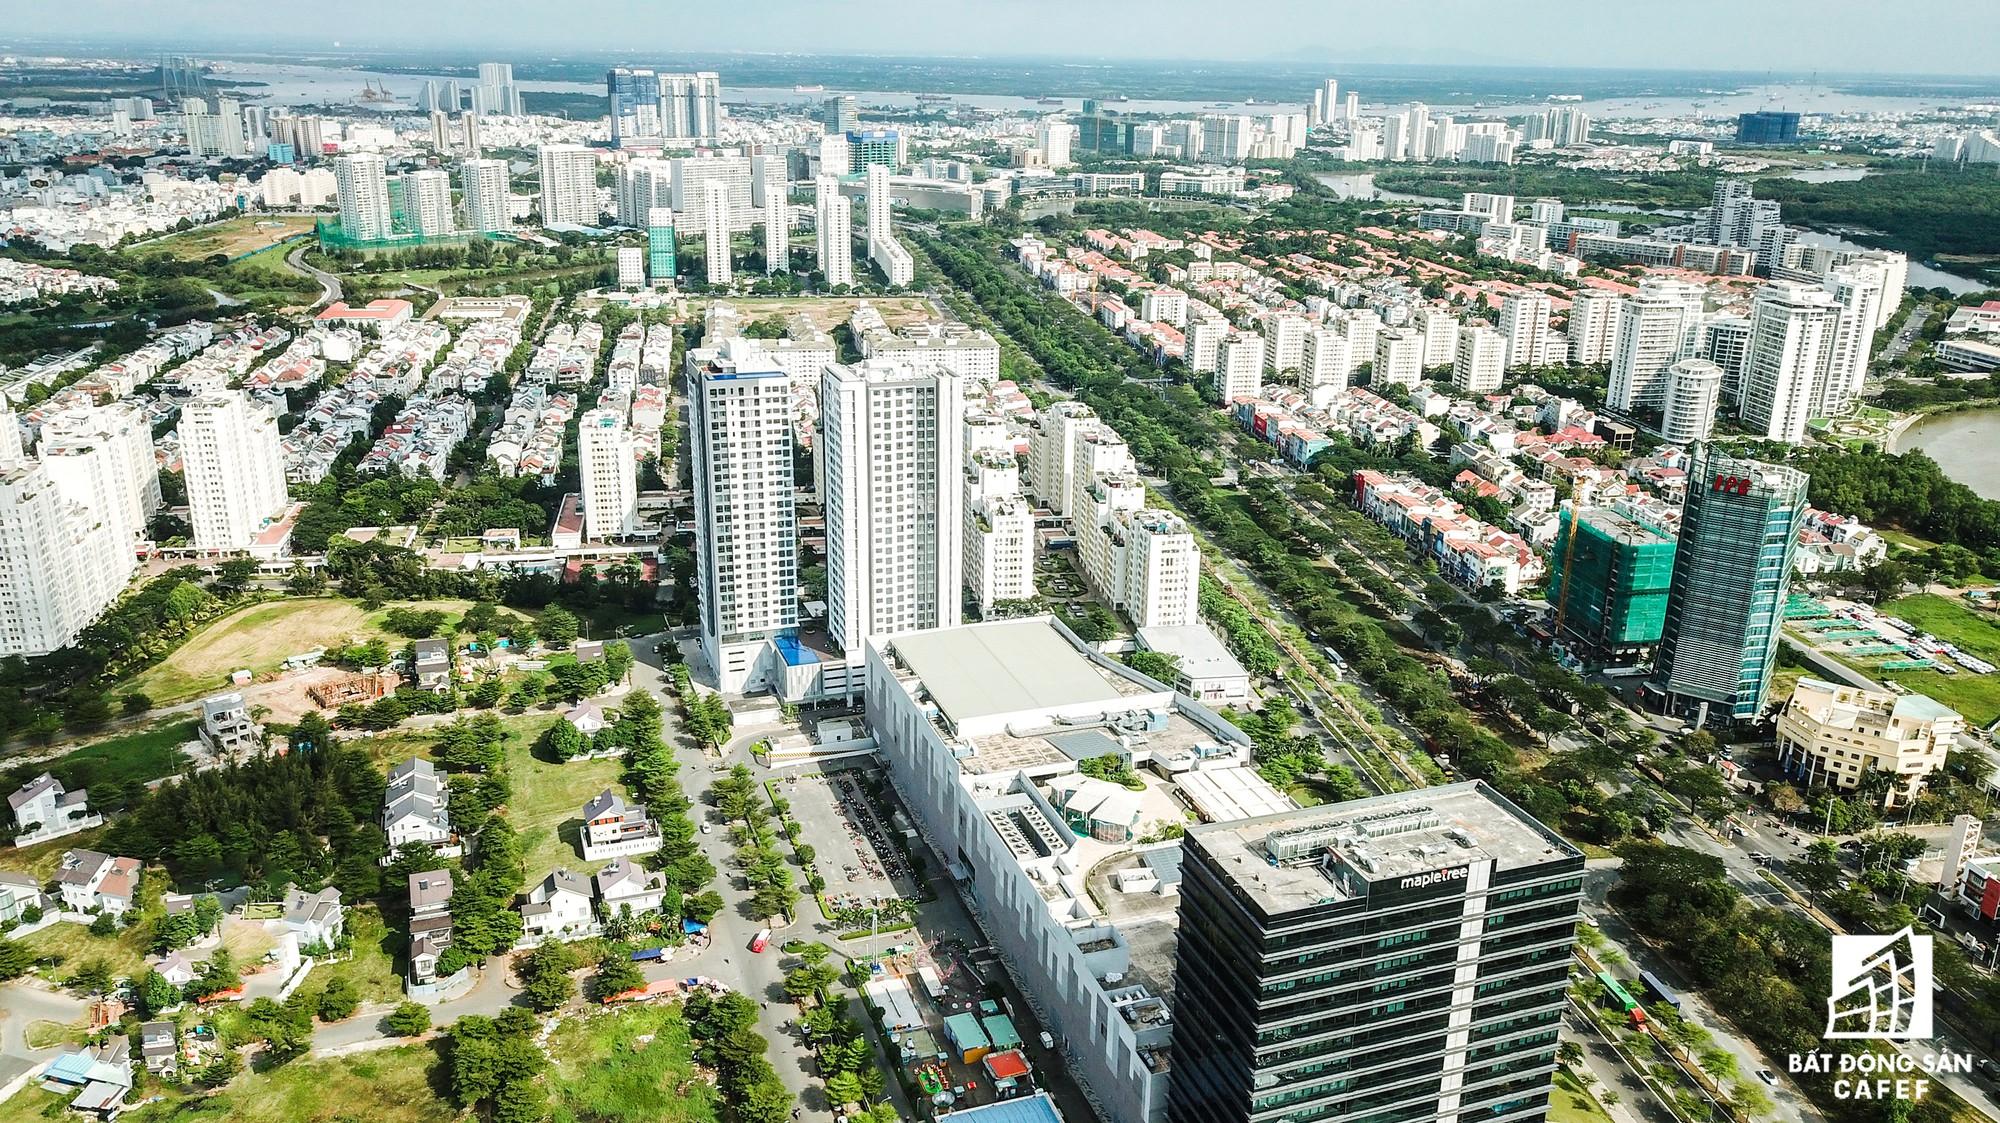 Toàn cảnh đại lộ tỷ đô đã tạo nên một thị trường bất động sản rất riêng cho khu Nam Sài Gòn - Ảnh 7.